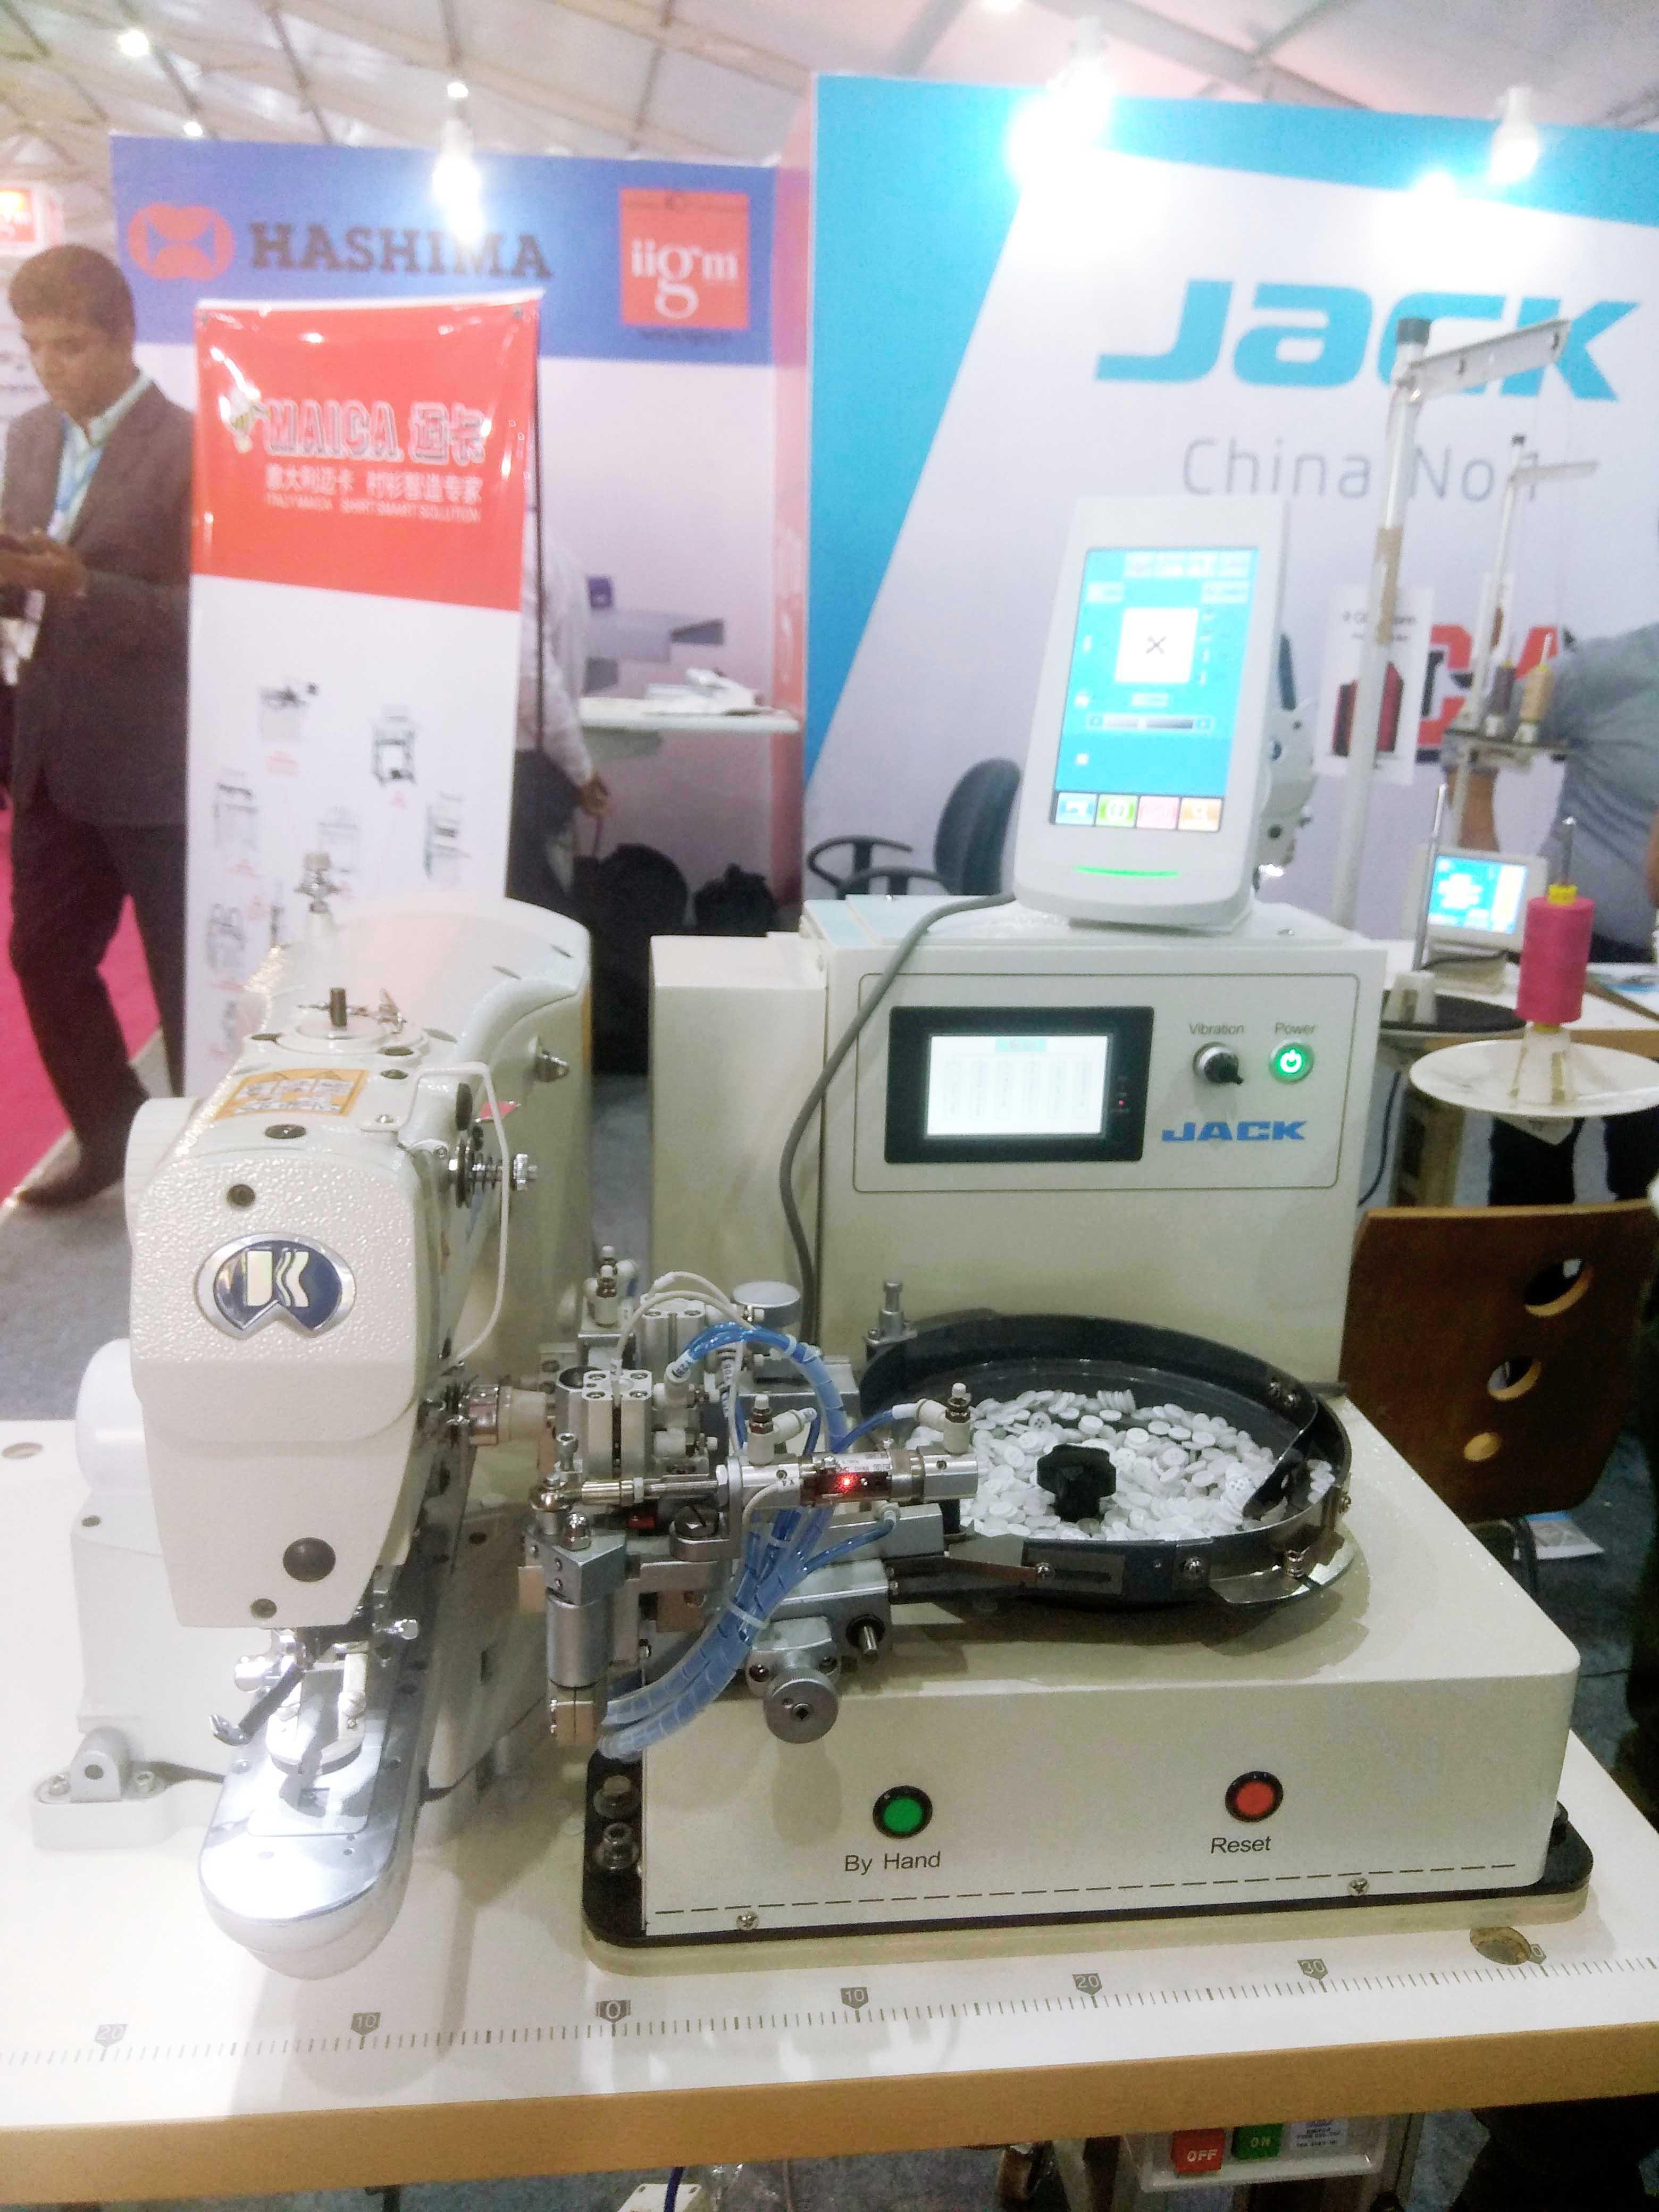 Jack's sewing machine on display at GTE 2019